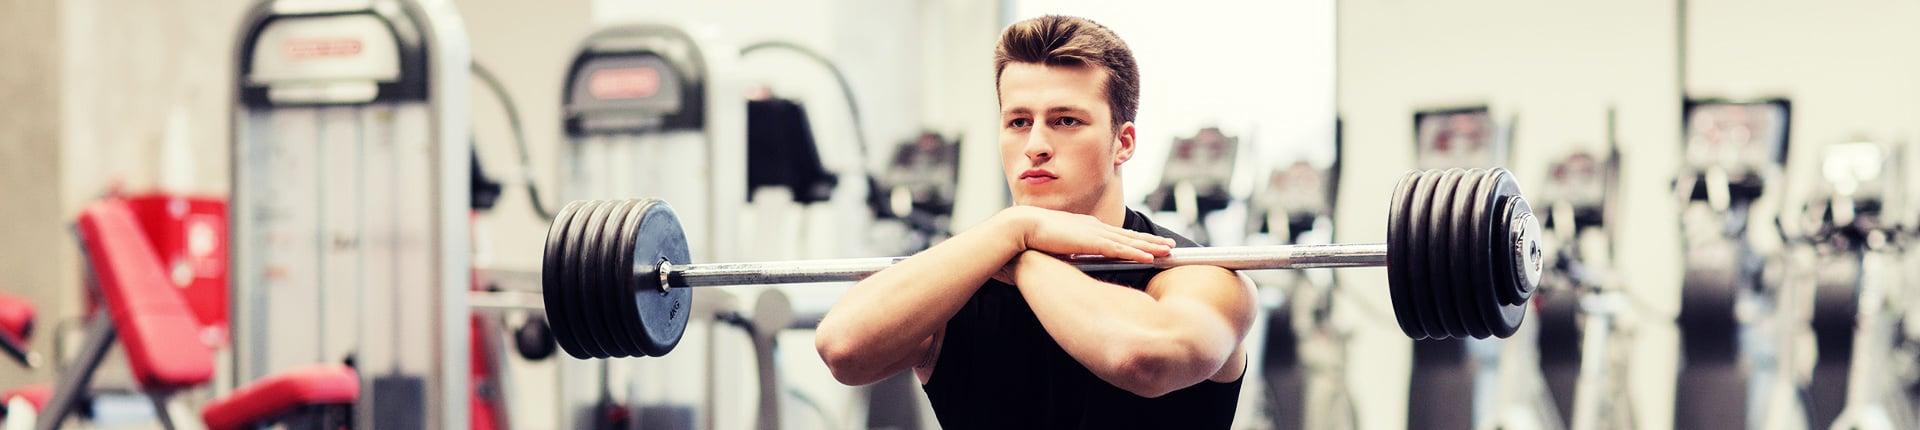 Najczęściej pomijane i najskuteczniejsze ćwiczenia siłowe - cz. I